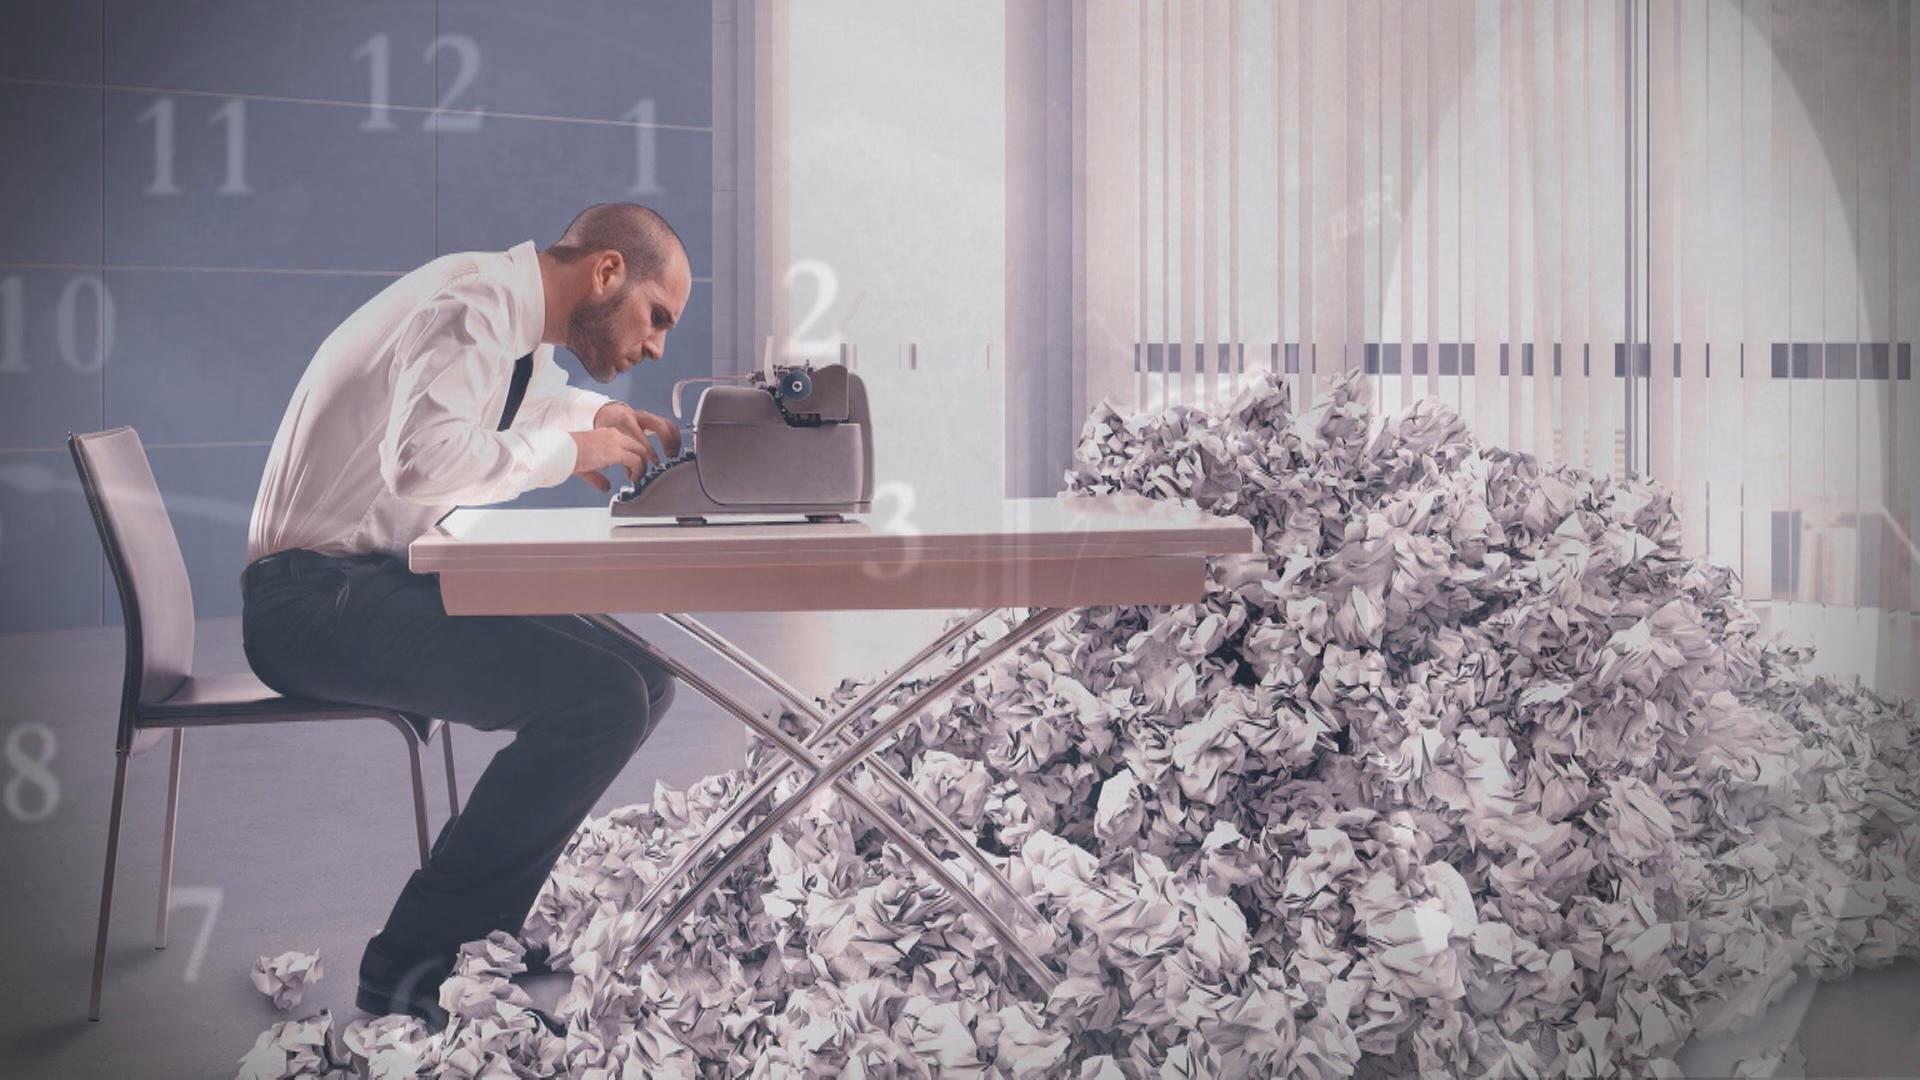 La Solitude Des Personnes Ges Rorganiser Le Travail